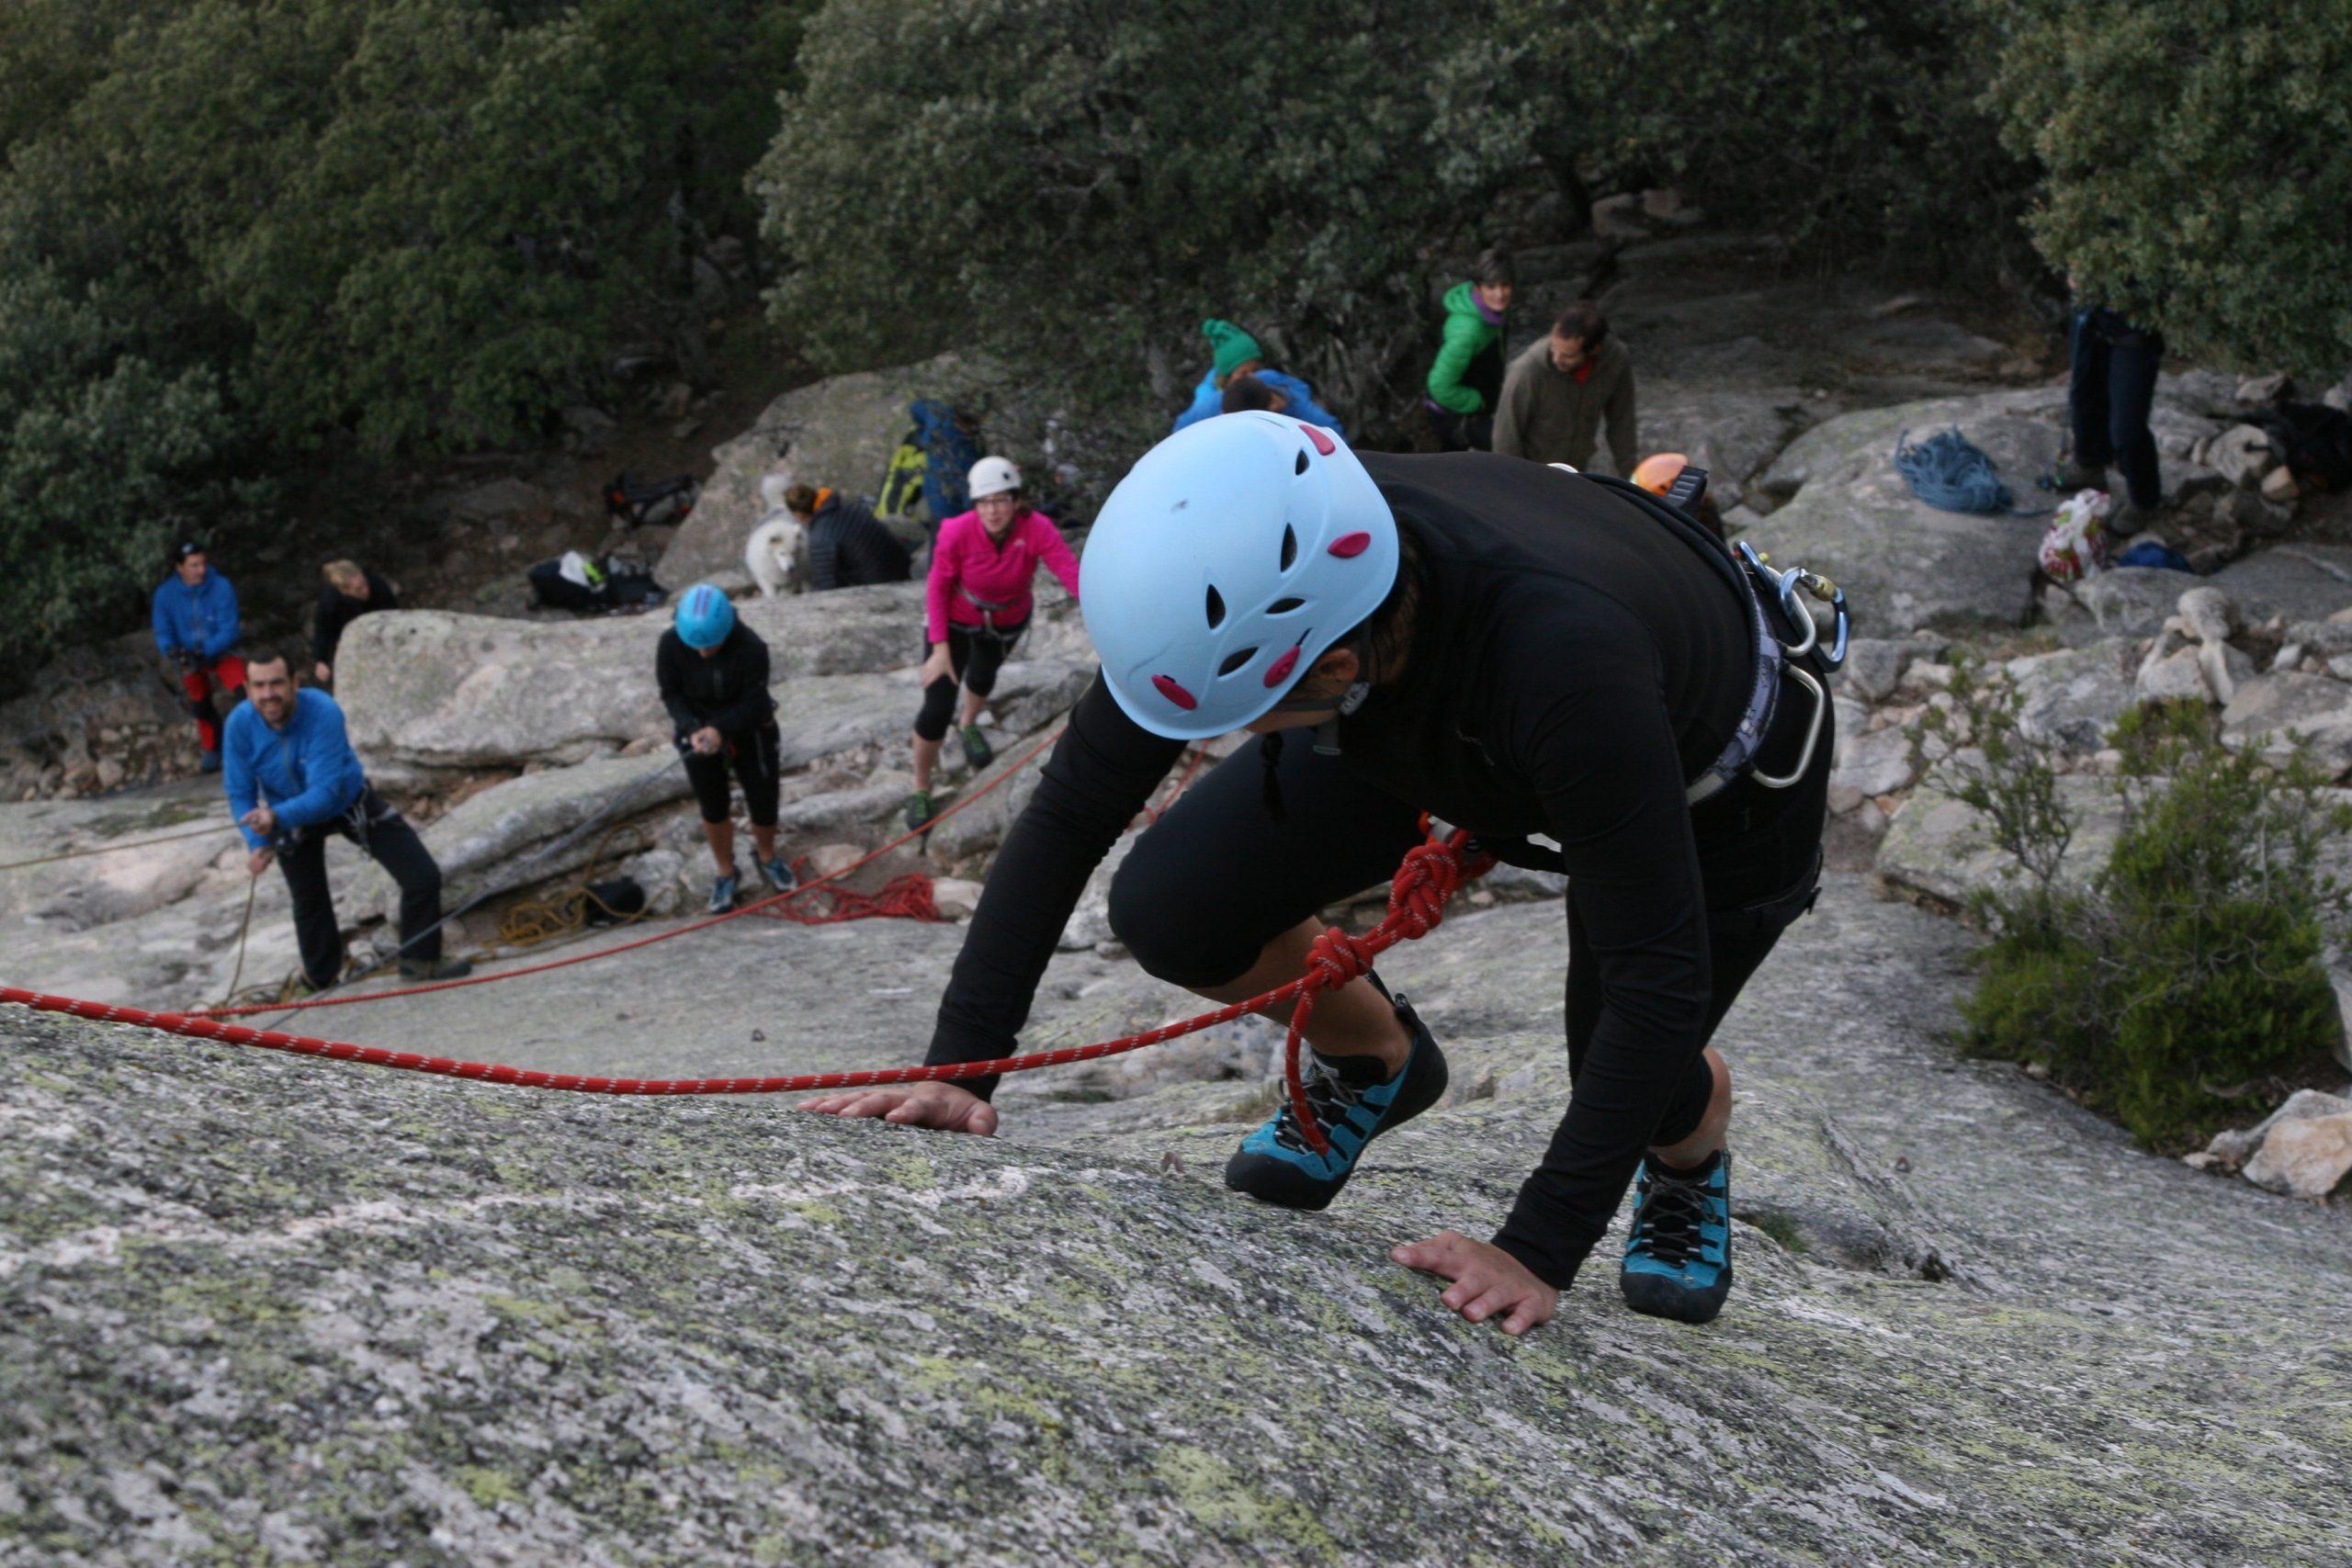 Curso de escalada en roca. Nivel 1 (iniciación)